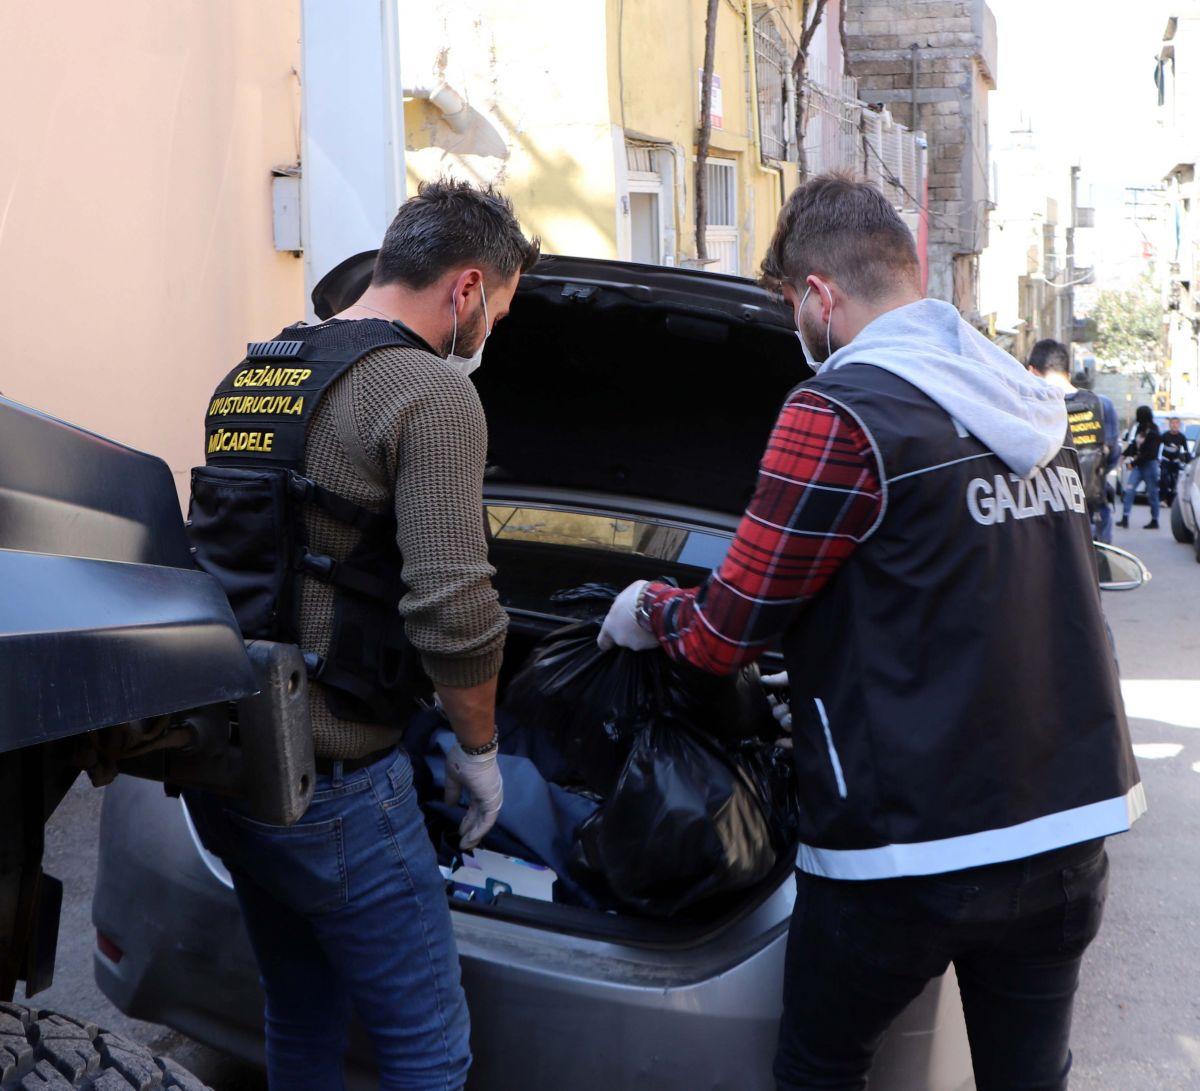 Gaziantep'te 950 polis, uyuşturucu operasyonuna katıldı: 29 gözaltı #6